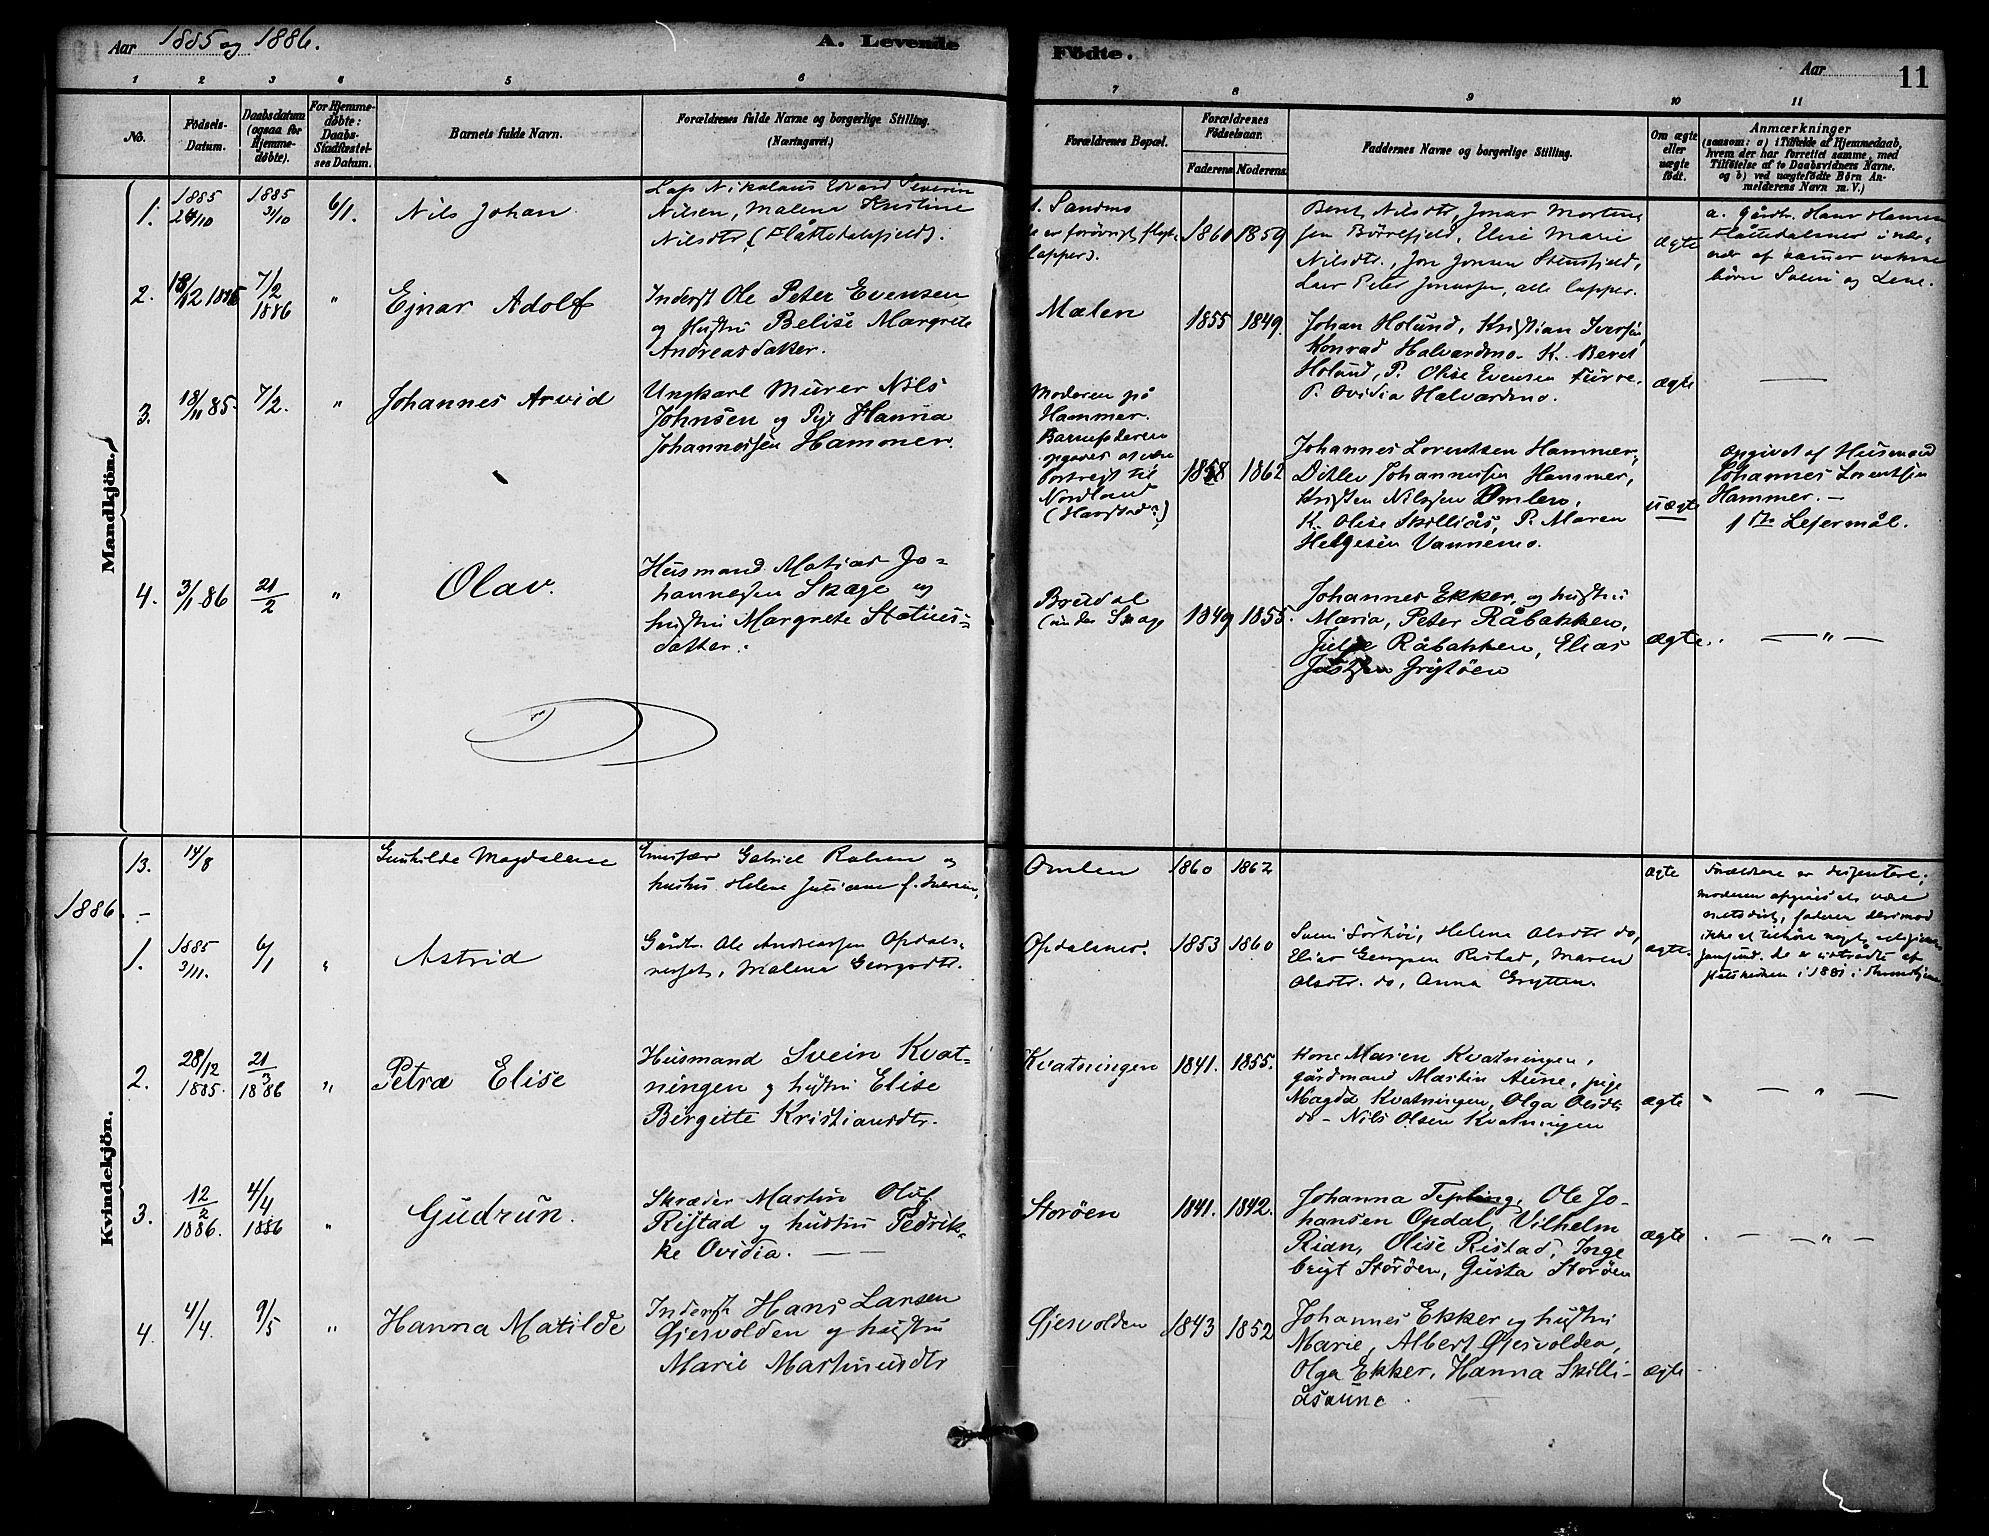 SAT, Ministerialprotokoller, klokkerbøker og fødselsregistre - Nord-Trøndelag, 766/L0563: Ministerialbok nr. 767A01, 1881-1899, s. 11